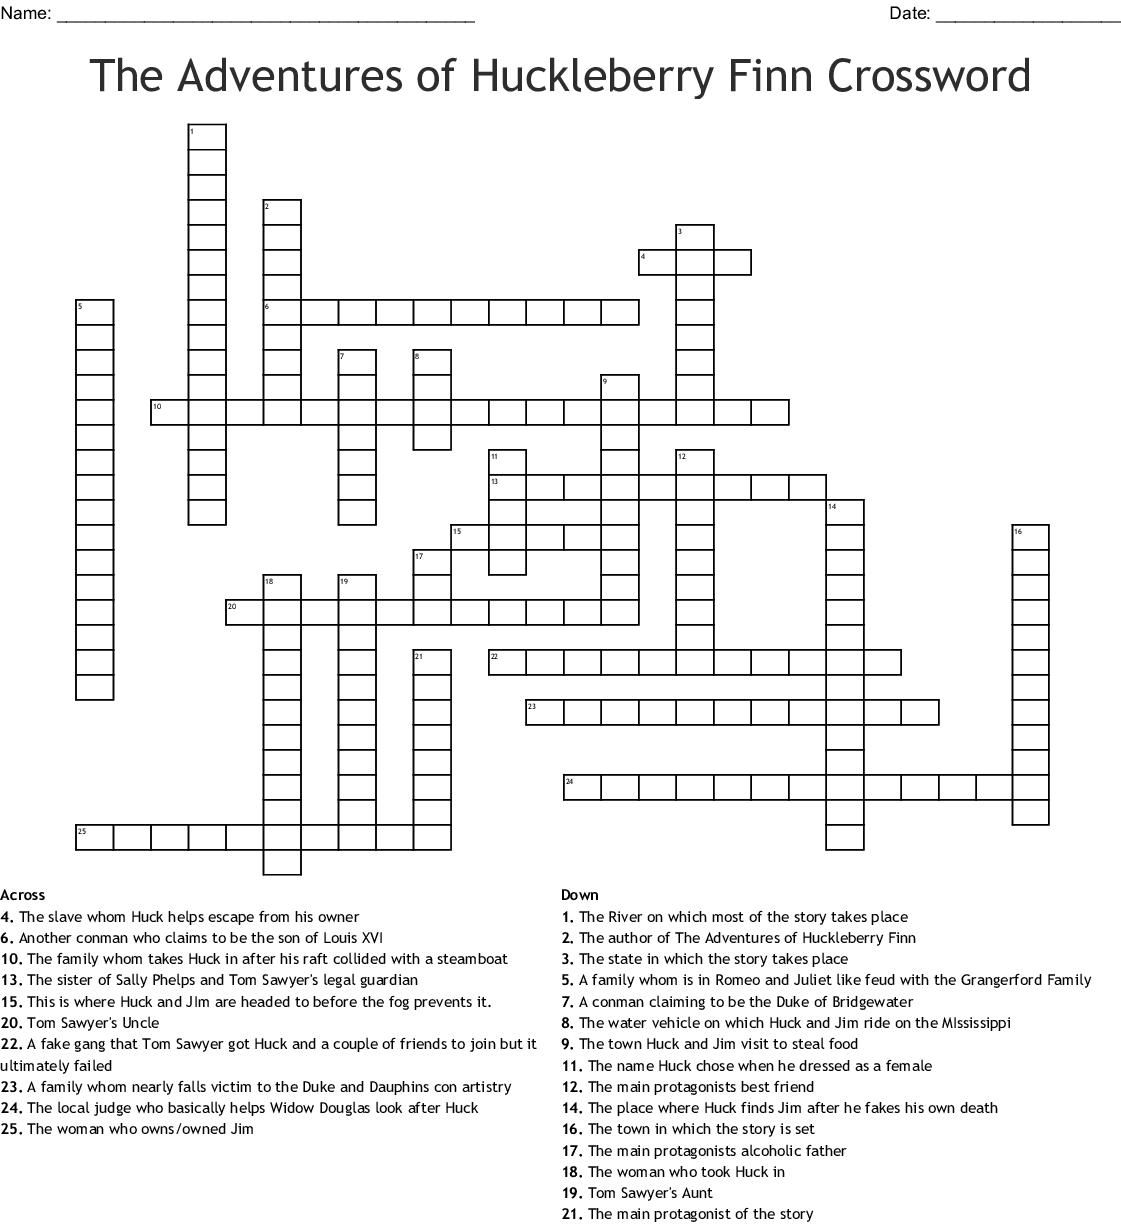 THE ADVENTURES OF HUCKLEBERRY FINN Crossword - WordMint